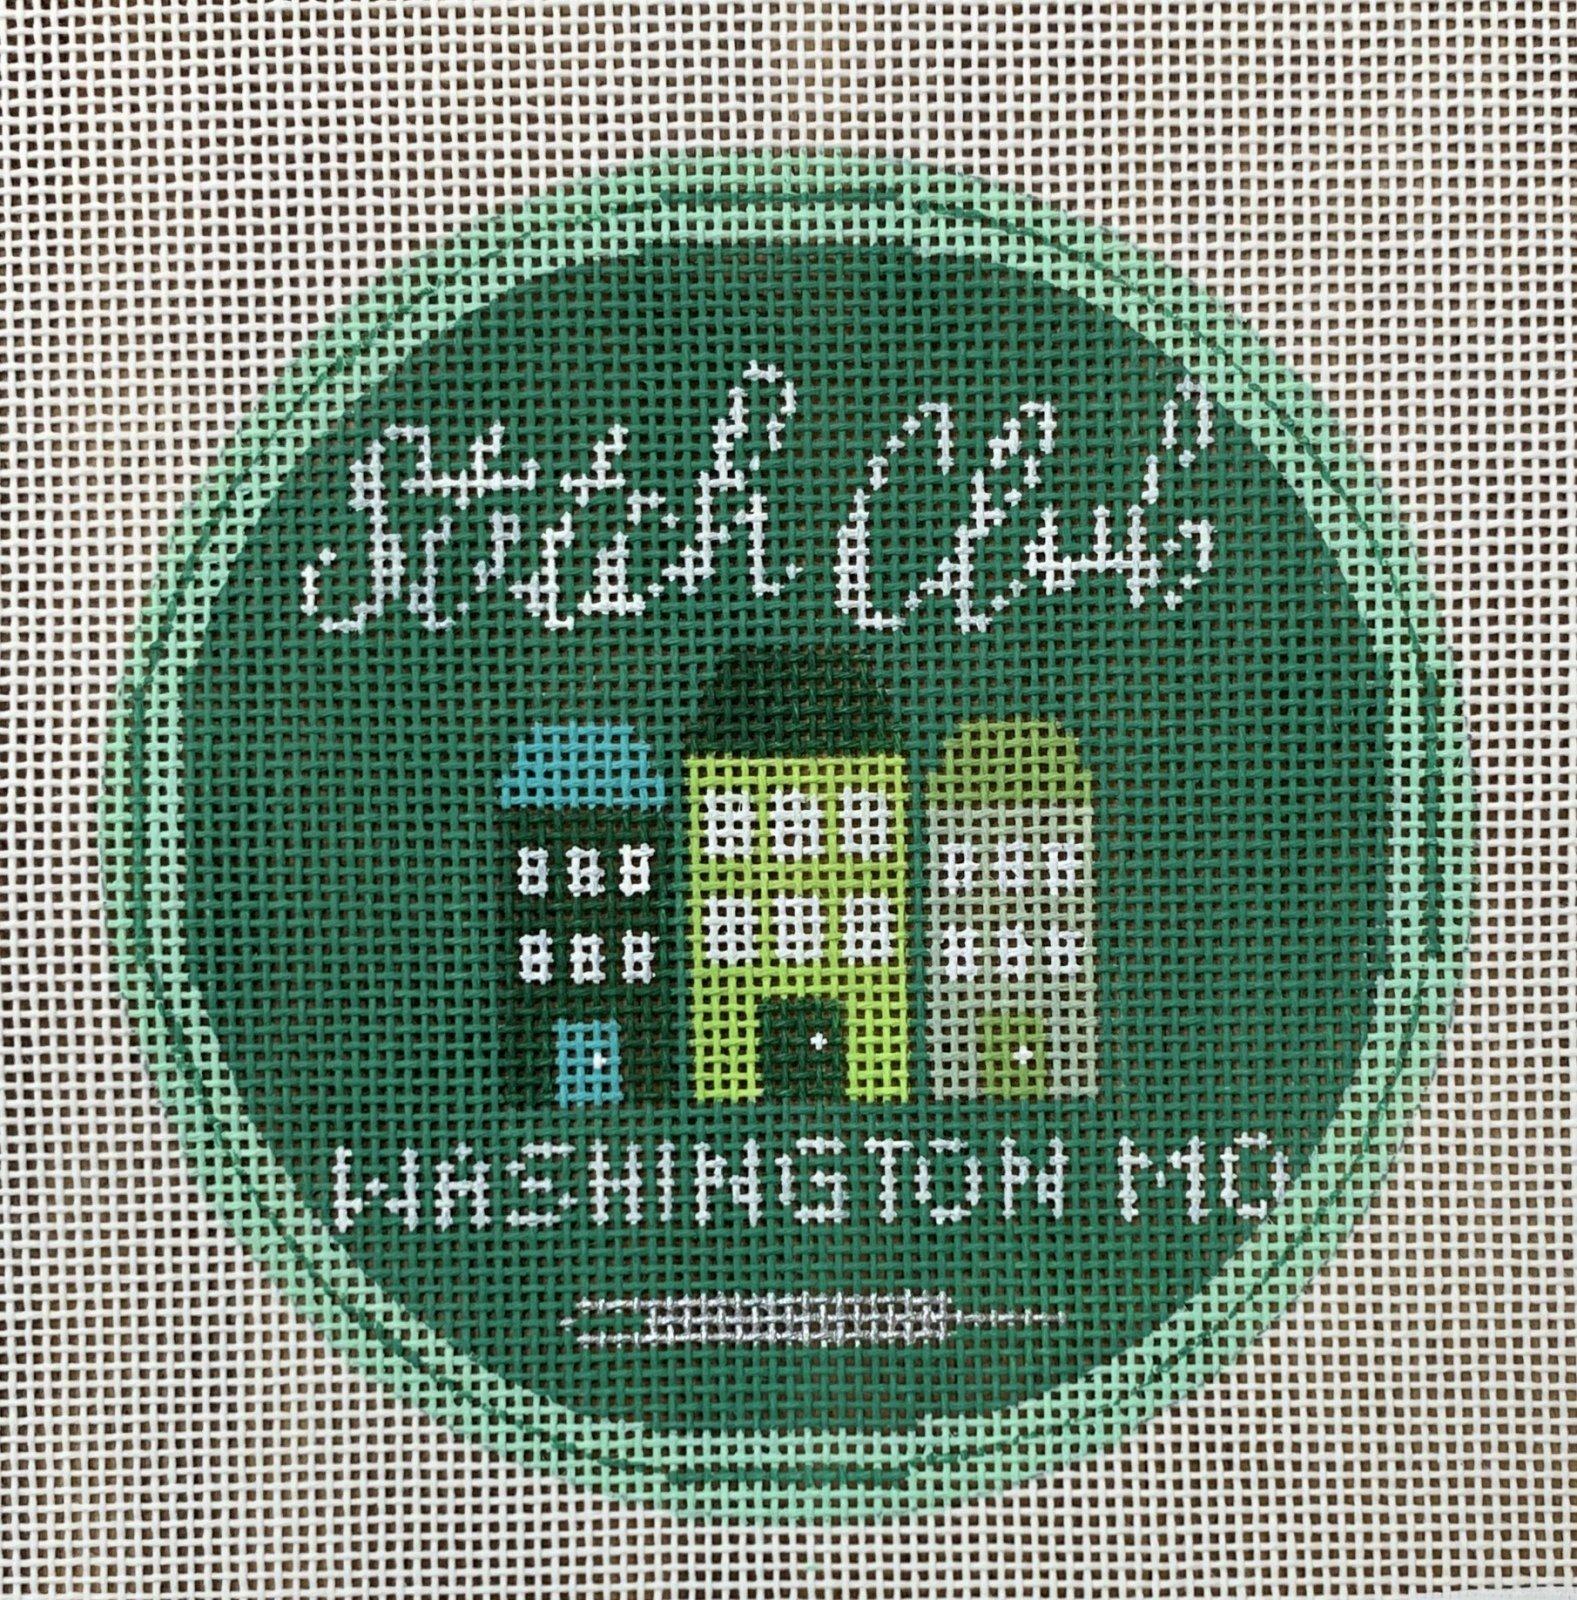 LL149 Stitch Club Washington MO